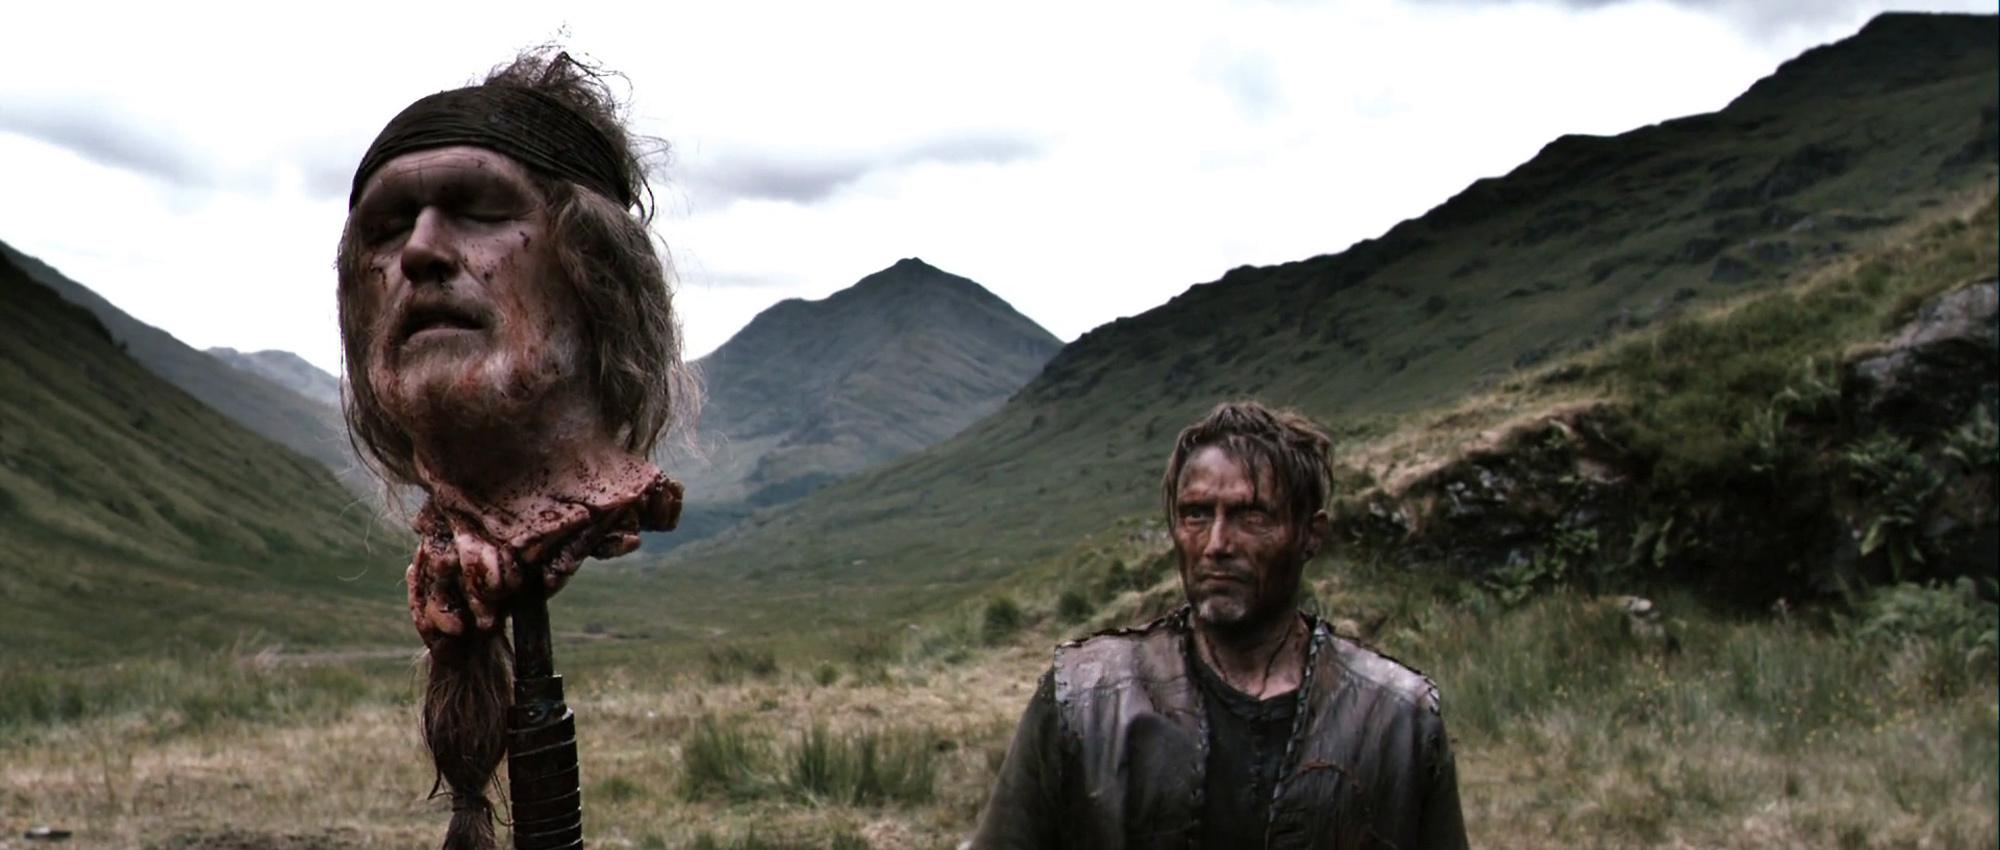 Mads Mikkelsen en una escena de 'Valhalla Rising'.